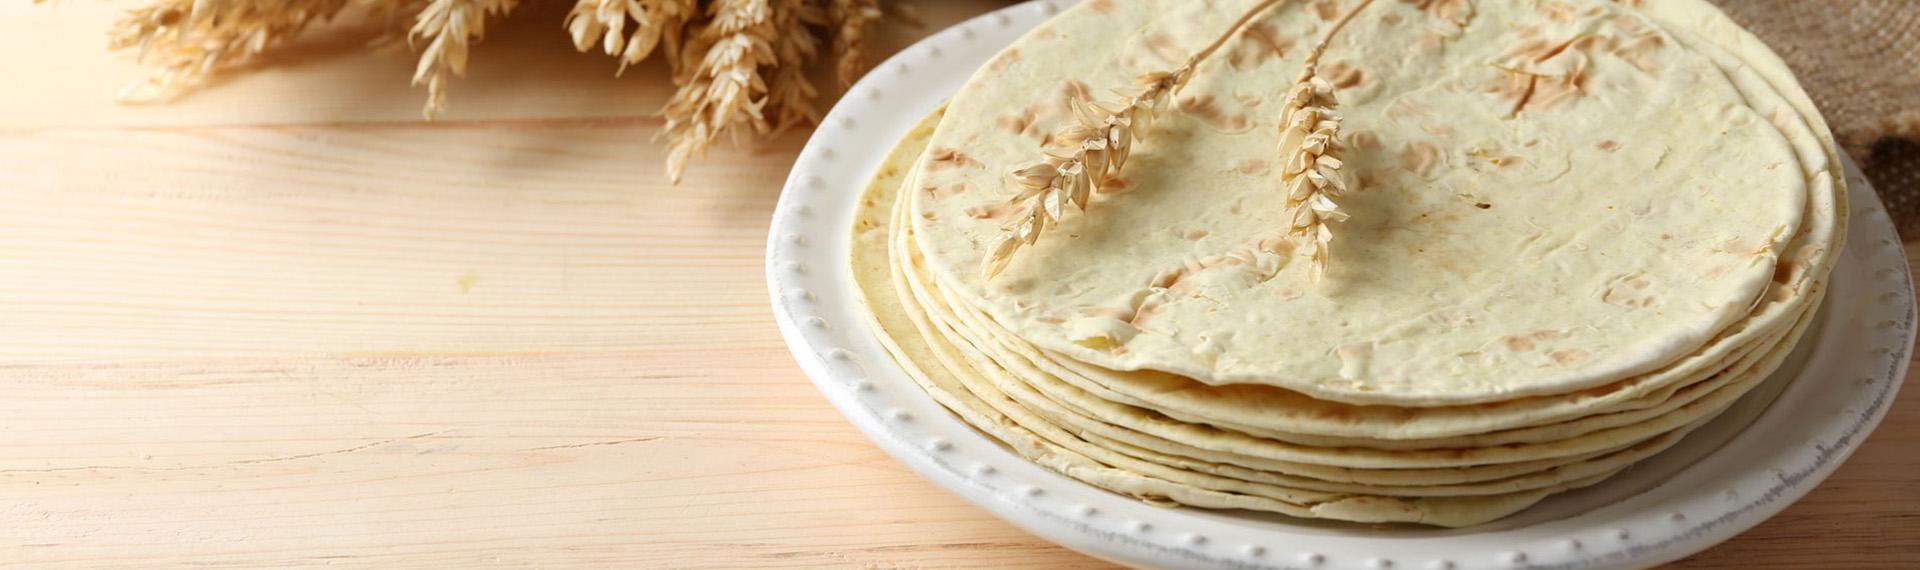 Harinas Guadalupe, Tortillas de Harina